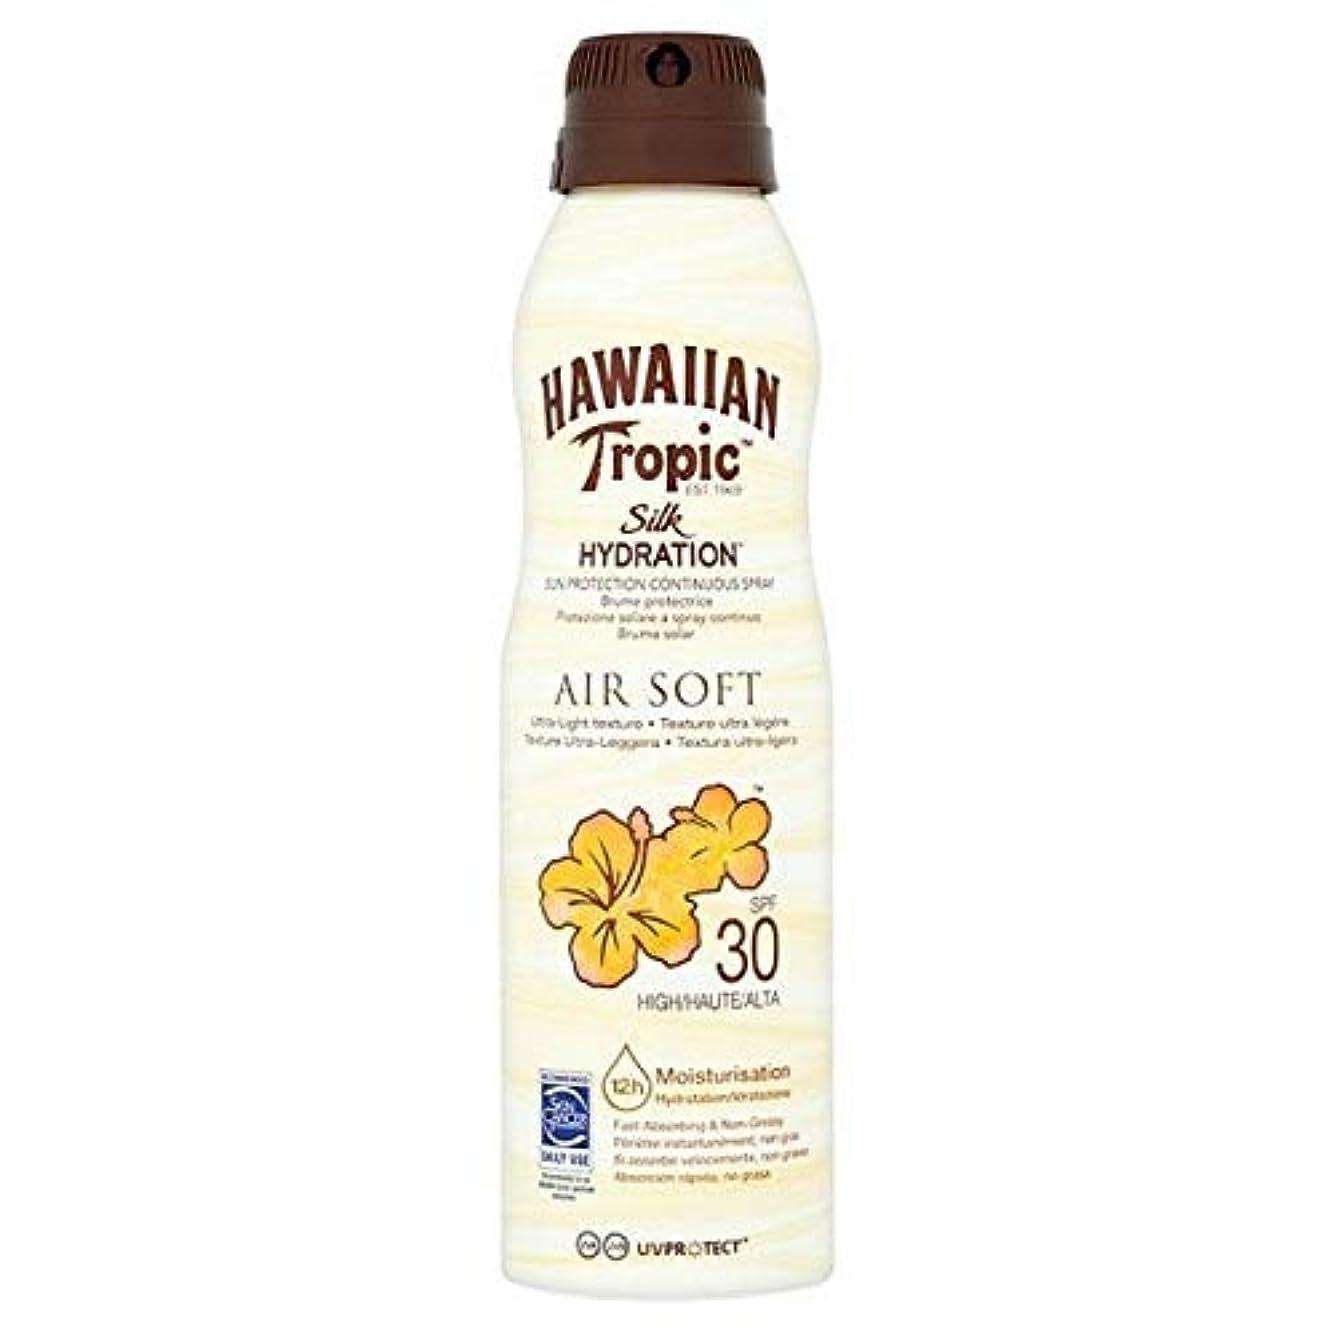 累計ブレーキ死すべき[Hawaiian Tropic ] H /向性絹水和エアガン連続スプレーSpf30の177ミリリットル - H/Tropic Silk Hydration Airsoft Continuous Spray SPF30...